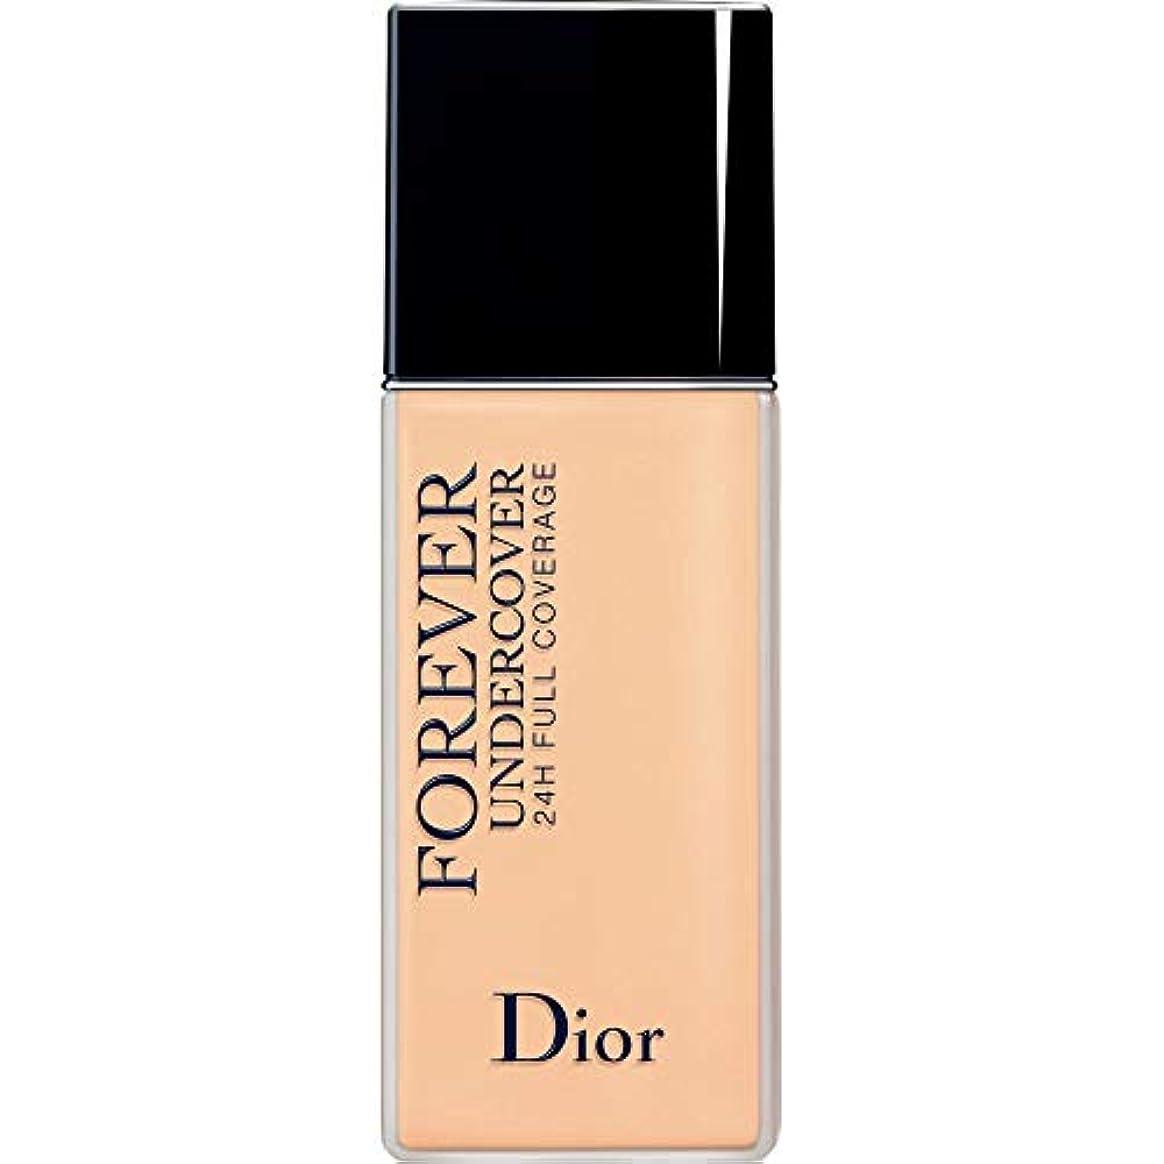 それらエスカレーター寓話[Dior ] ディオールディオールスキン永遠アンダーカバーフルカバーの基礎40ミリリットル021 - リネン - DIOR Diorskin Forever Undercover Full Coverage Foundation...